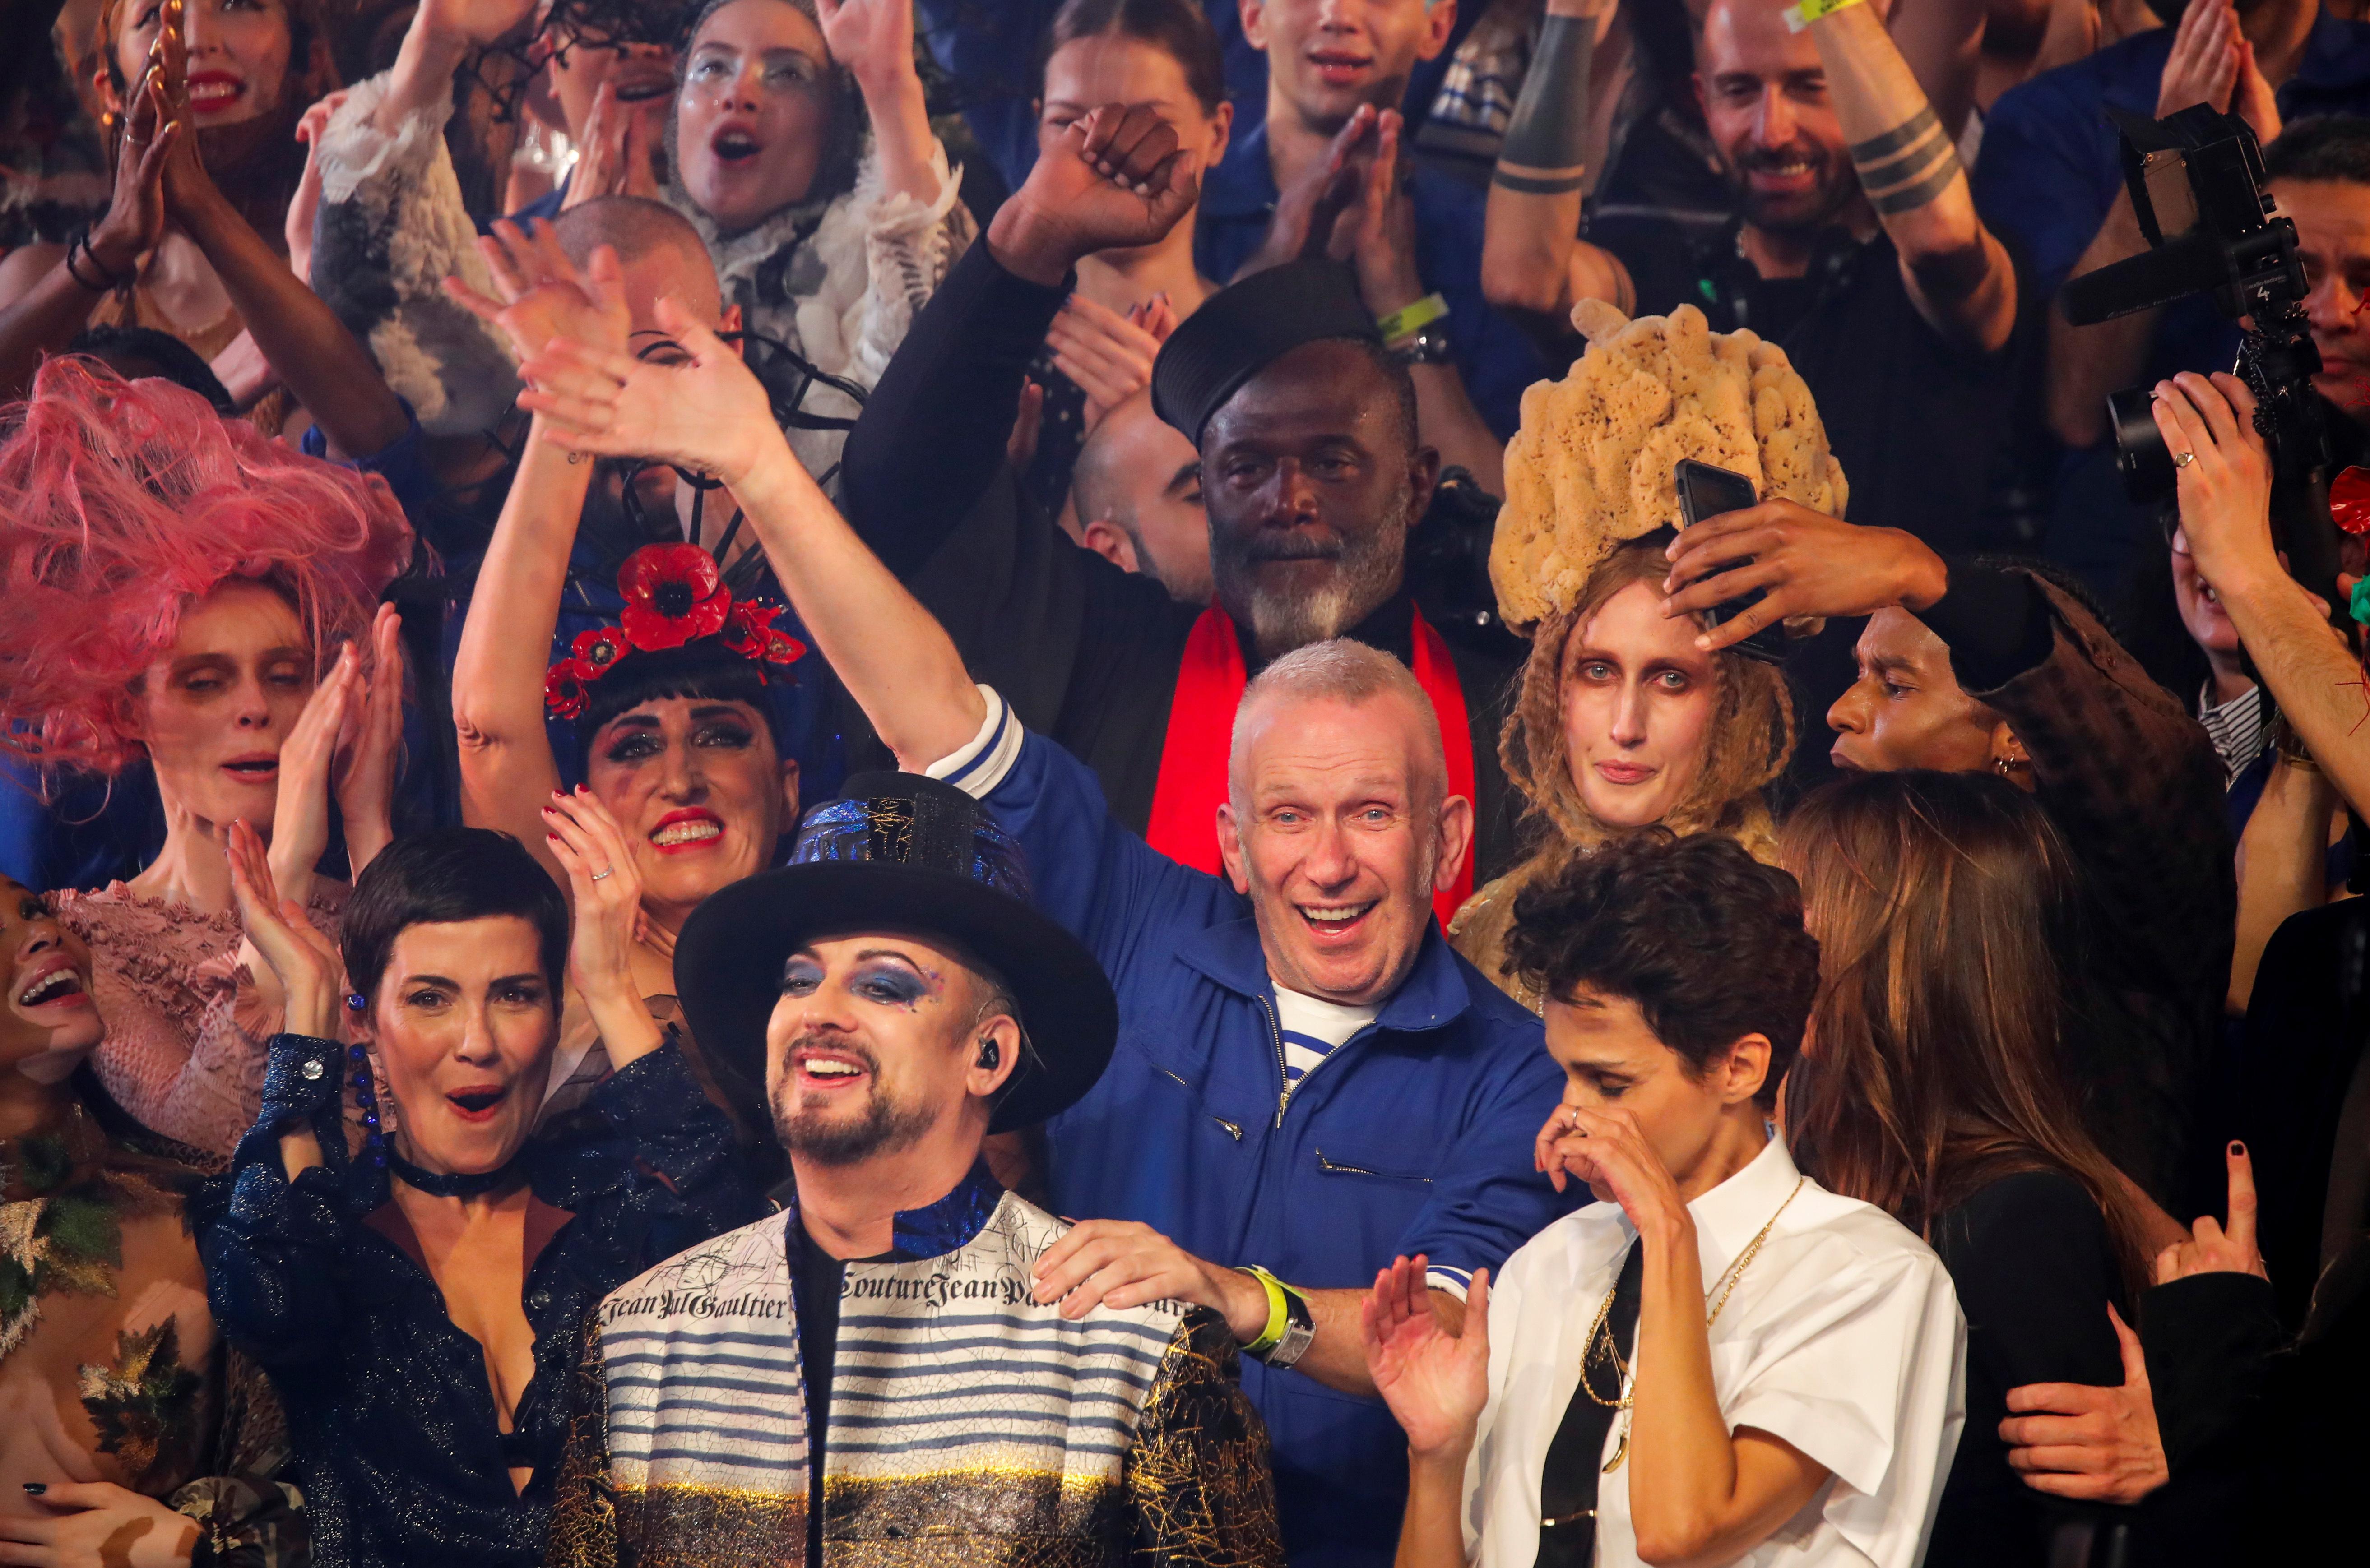 El saludo final de Jean Paul Gaultier junto a sus modelos en París. El modisto francés se despidió de las pasarelas luego de 50 años de moda. Lo hizo a lo grande en Théâtre du Châtelet